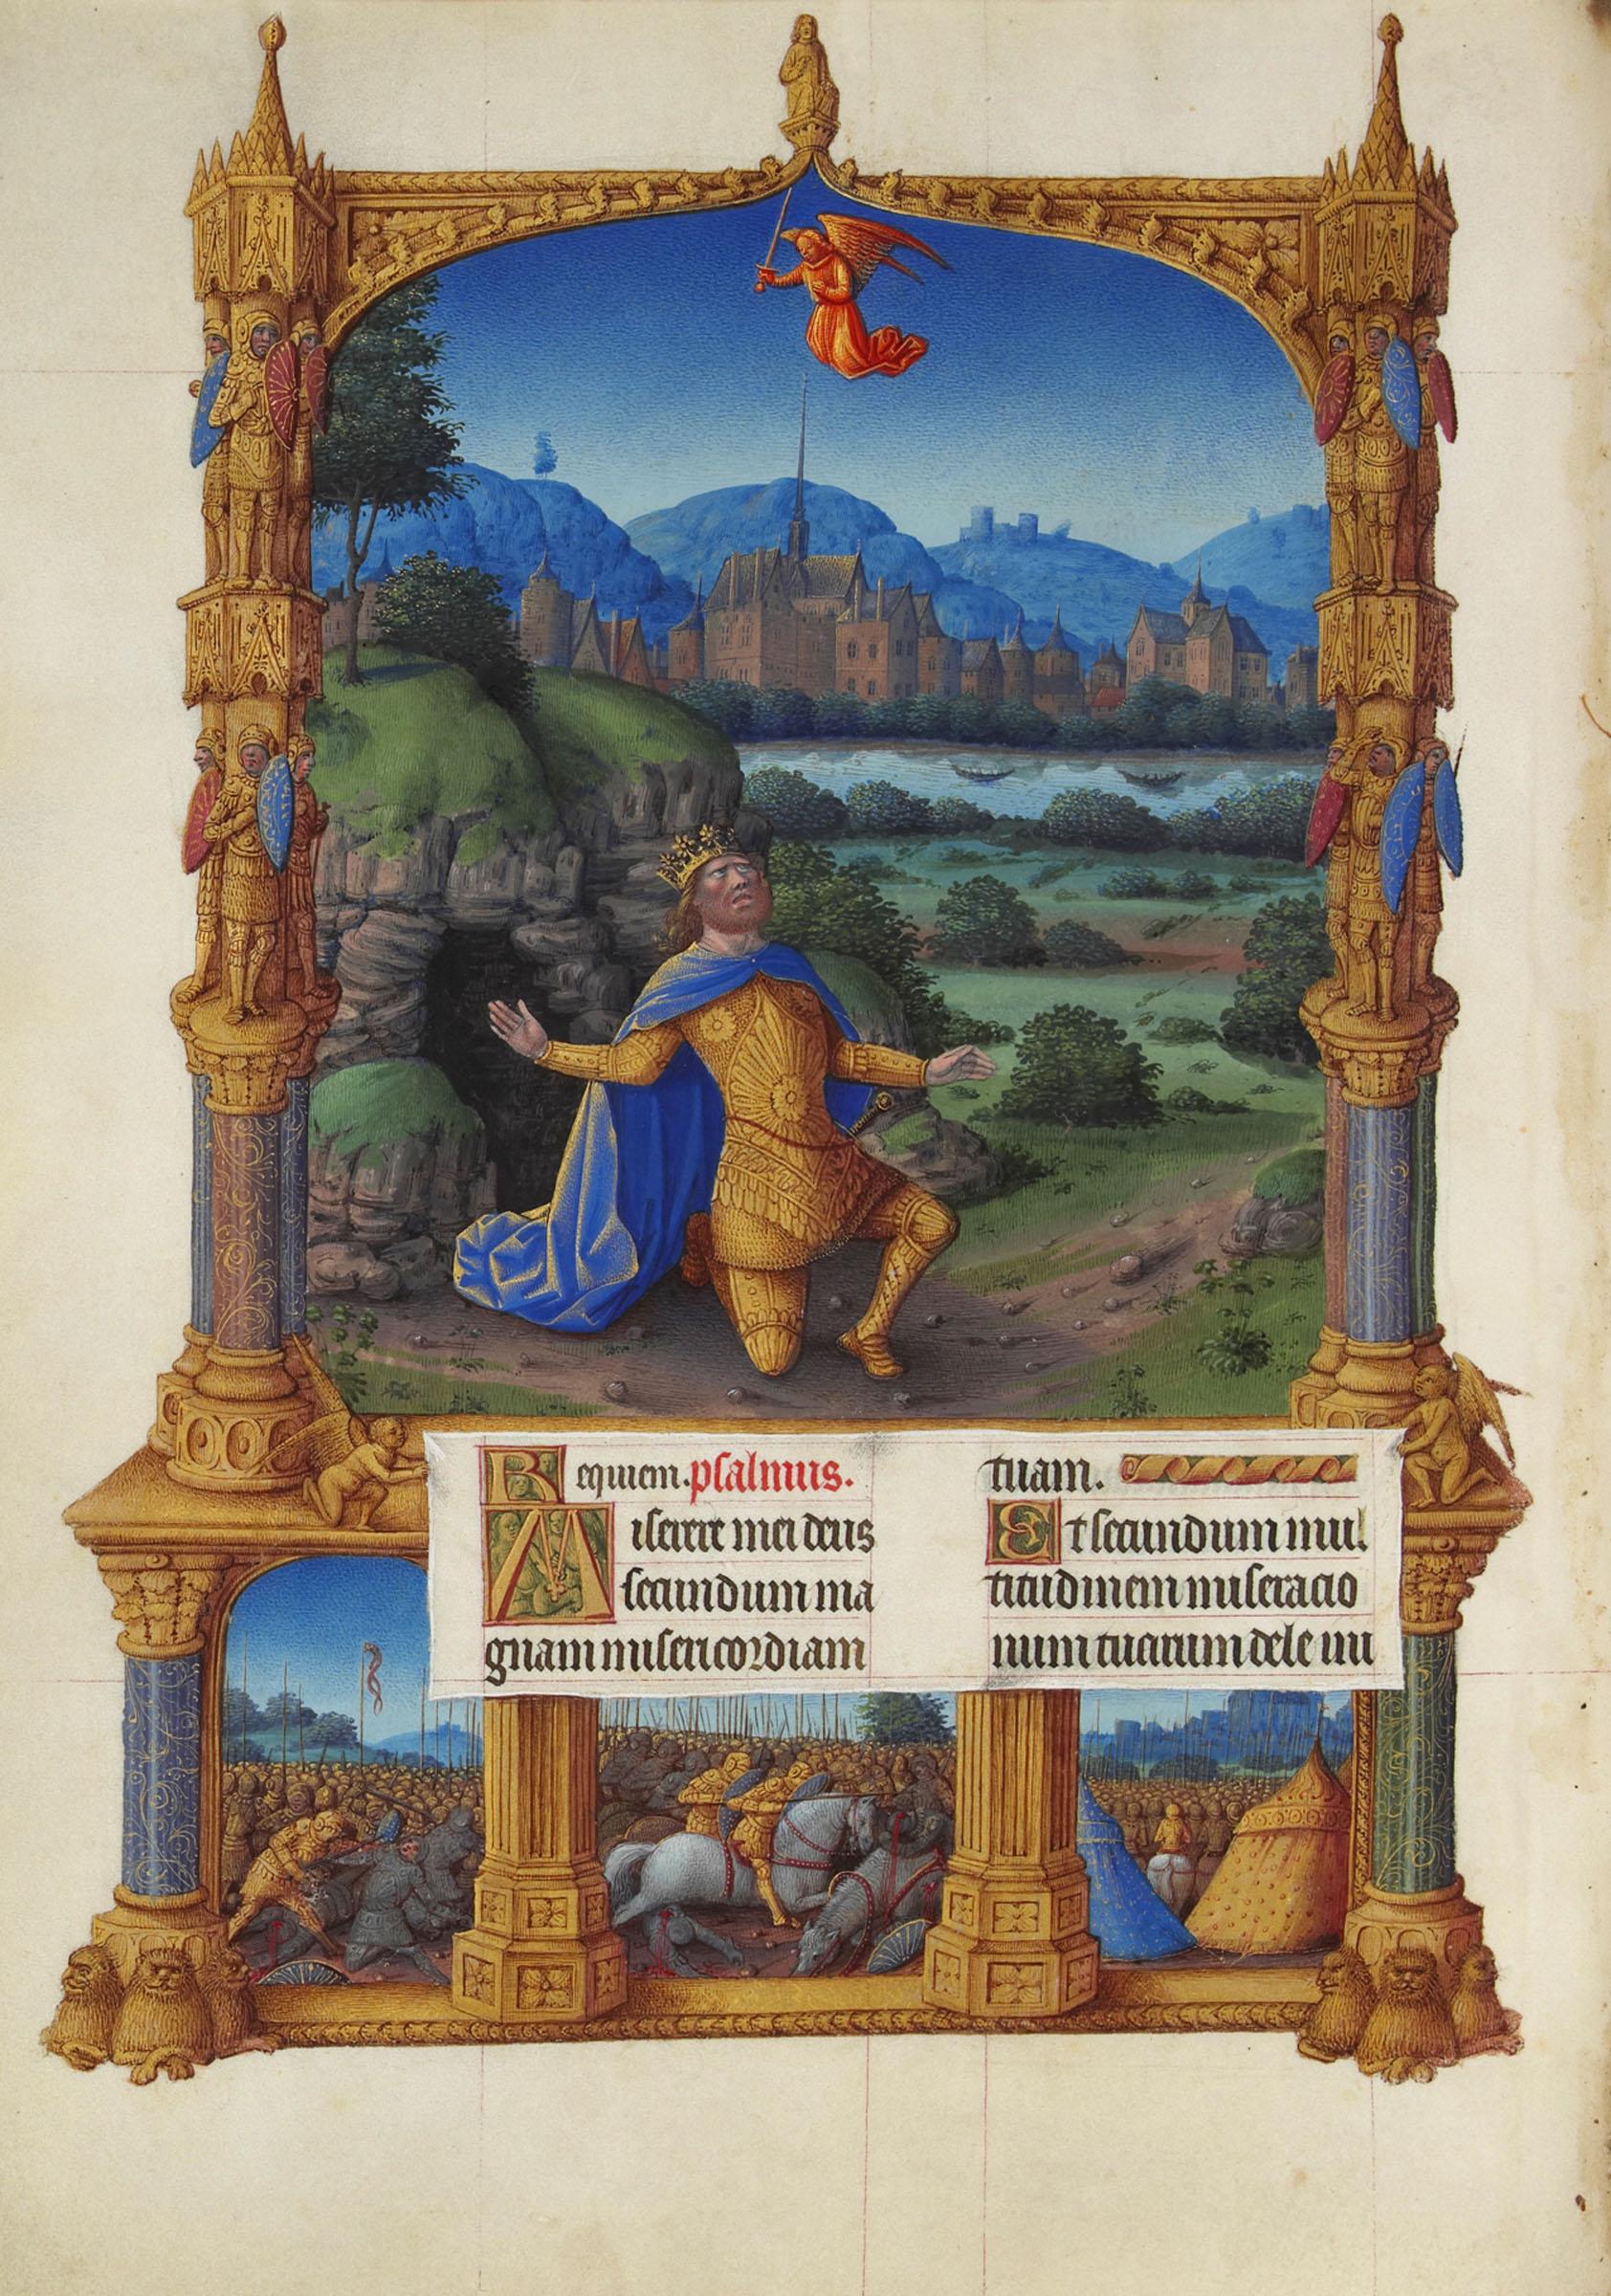 1485-86-Jean-colombe-Miserere-le-roi-David-Tres-riches-heures-du-duc-de-Berry-fol-100r-